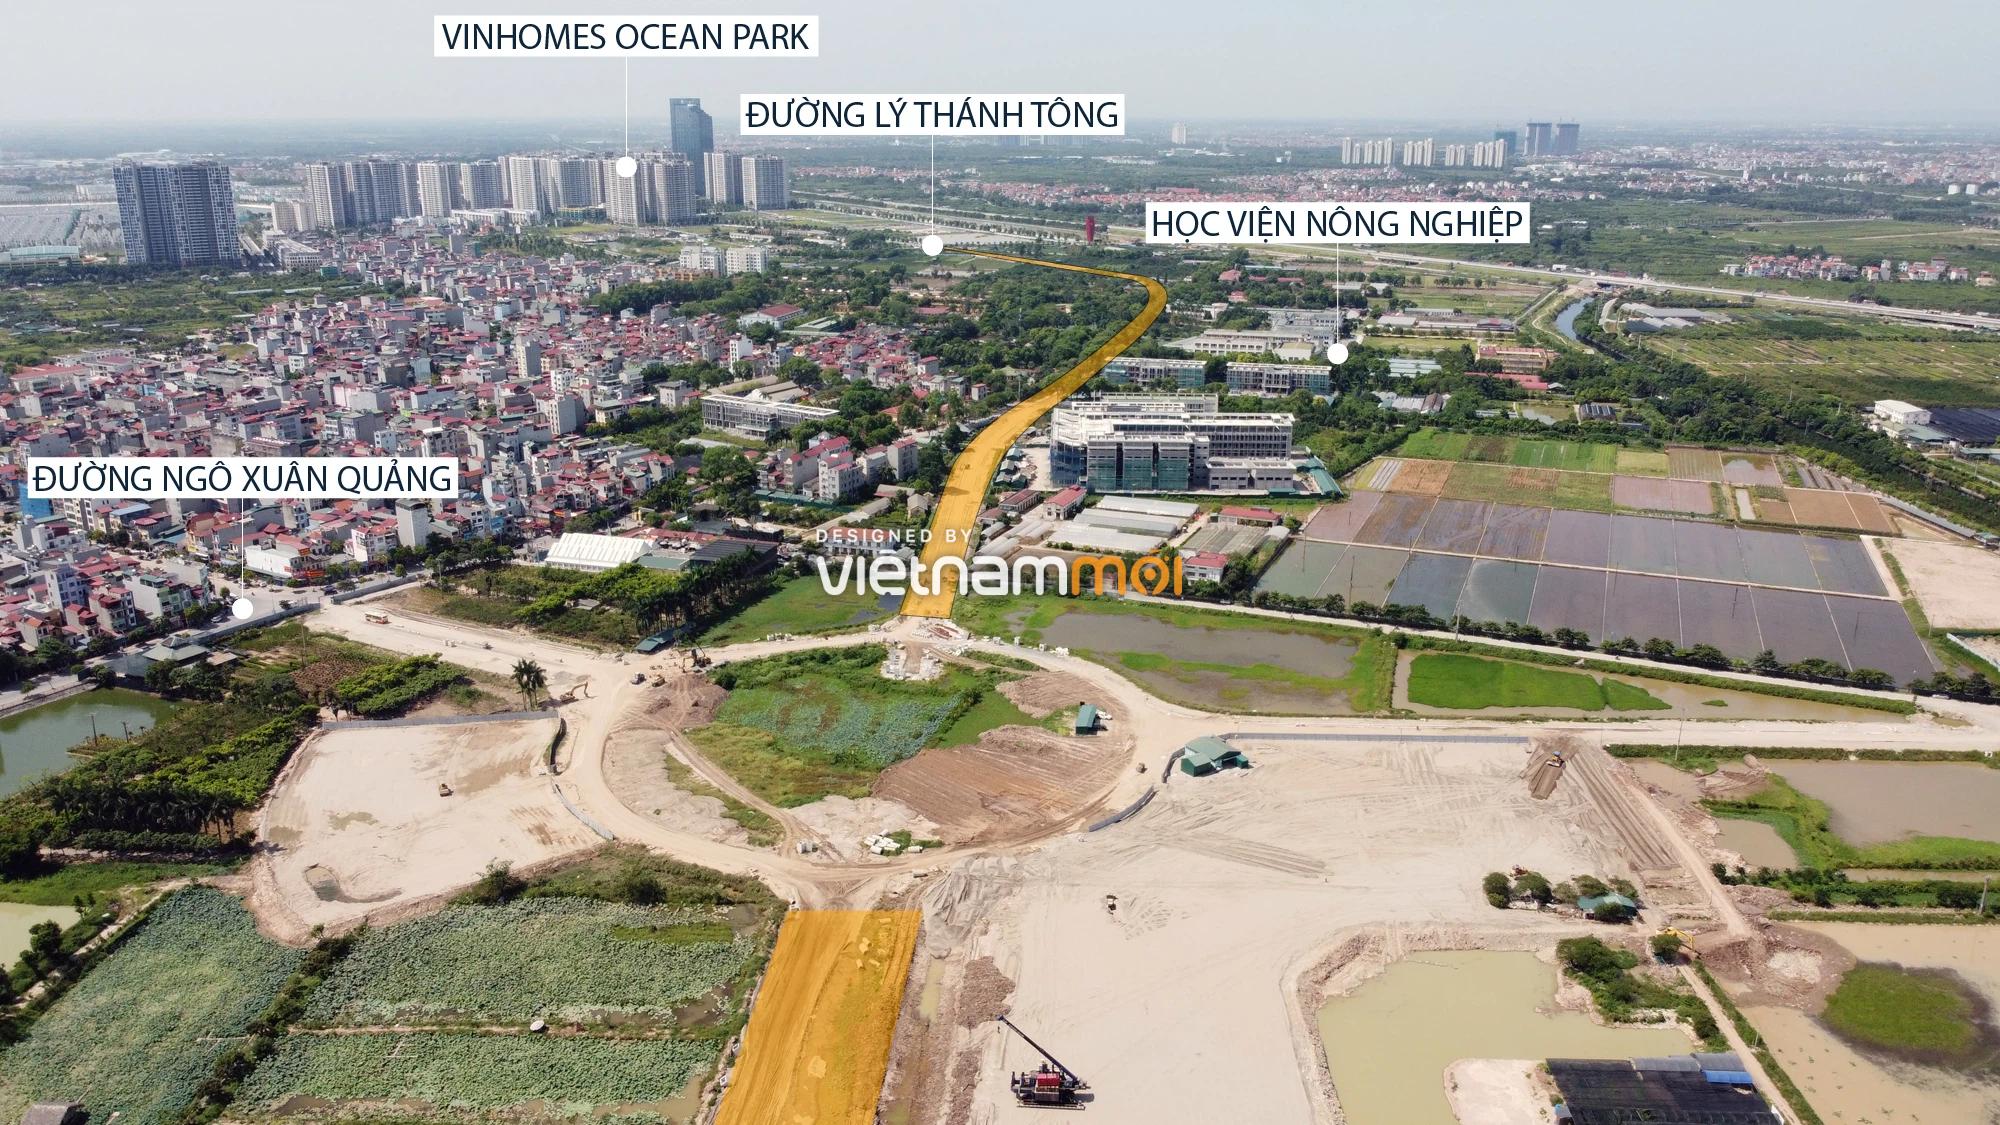 Toàn cảnh tuyến đường từ Vinhomes Ocean Park đến QL5 qua Học viện Nông nghiệp đang mở theo quy hoạch ở Hà Nội - Ảnh 7.